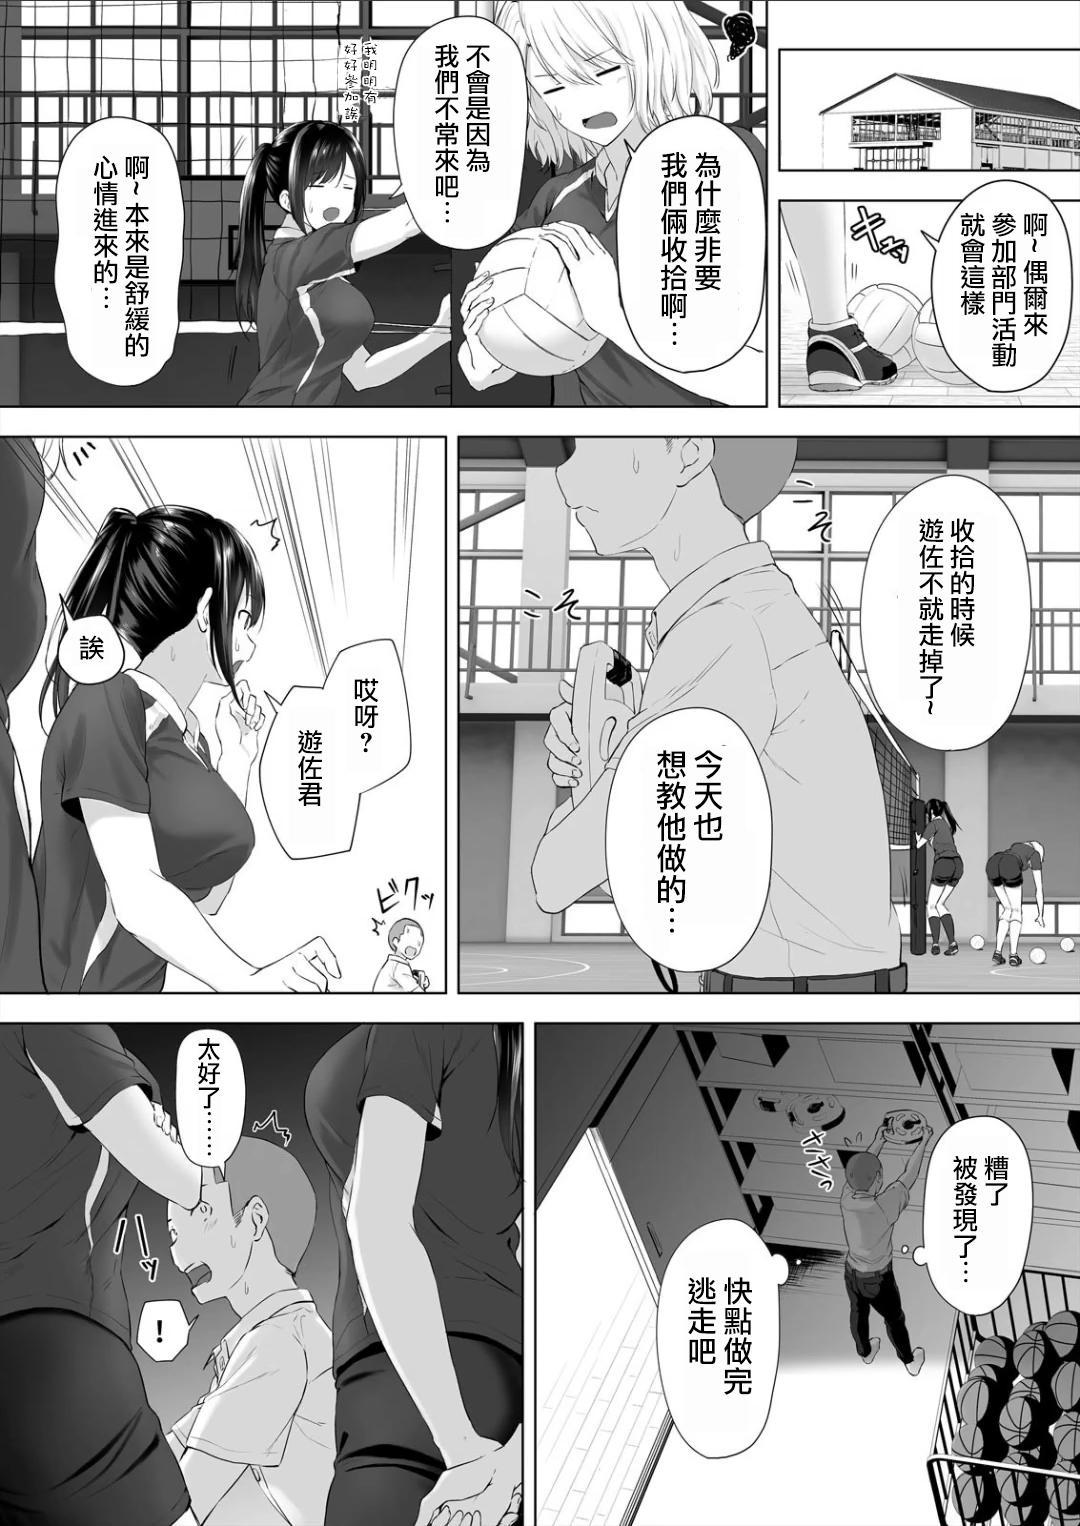 [Hachimitsu] Shinchousa 40cm, Kyou mo Omocha ni Saretemasu ~ Dekkai JK no Iinari SEX (1)  | 身高差40cm、今天也被當作玩具任巨大JK擺佈的SEX ch.1 [Chinese] [沒有漢化] 19